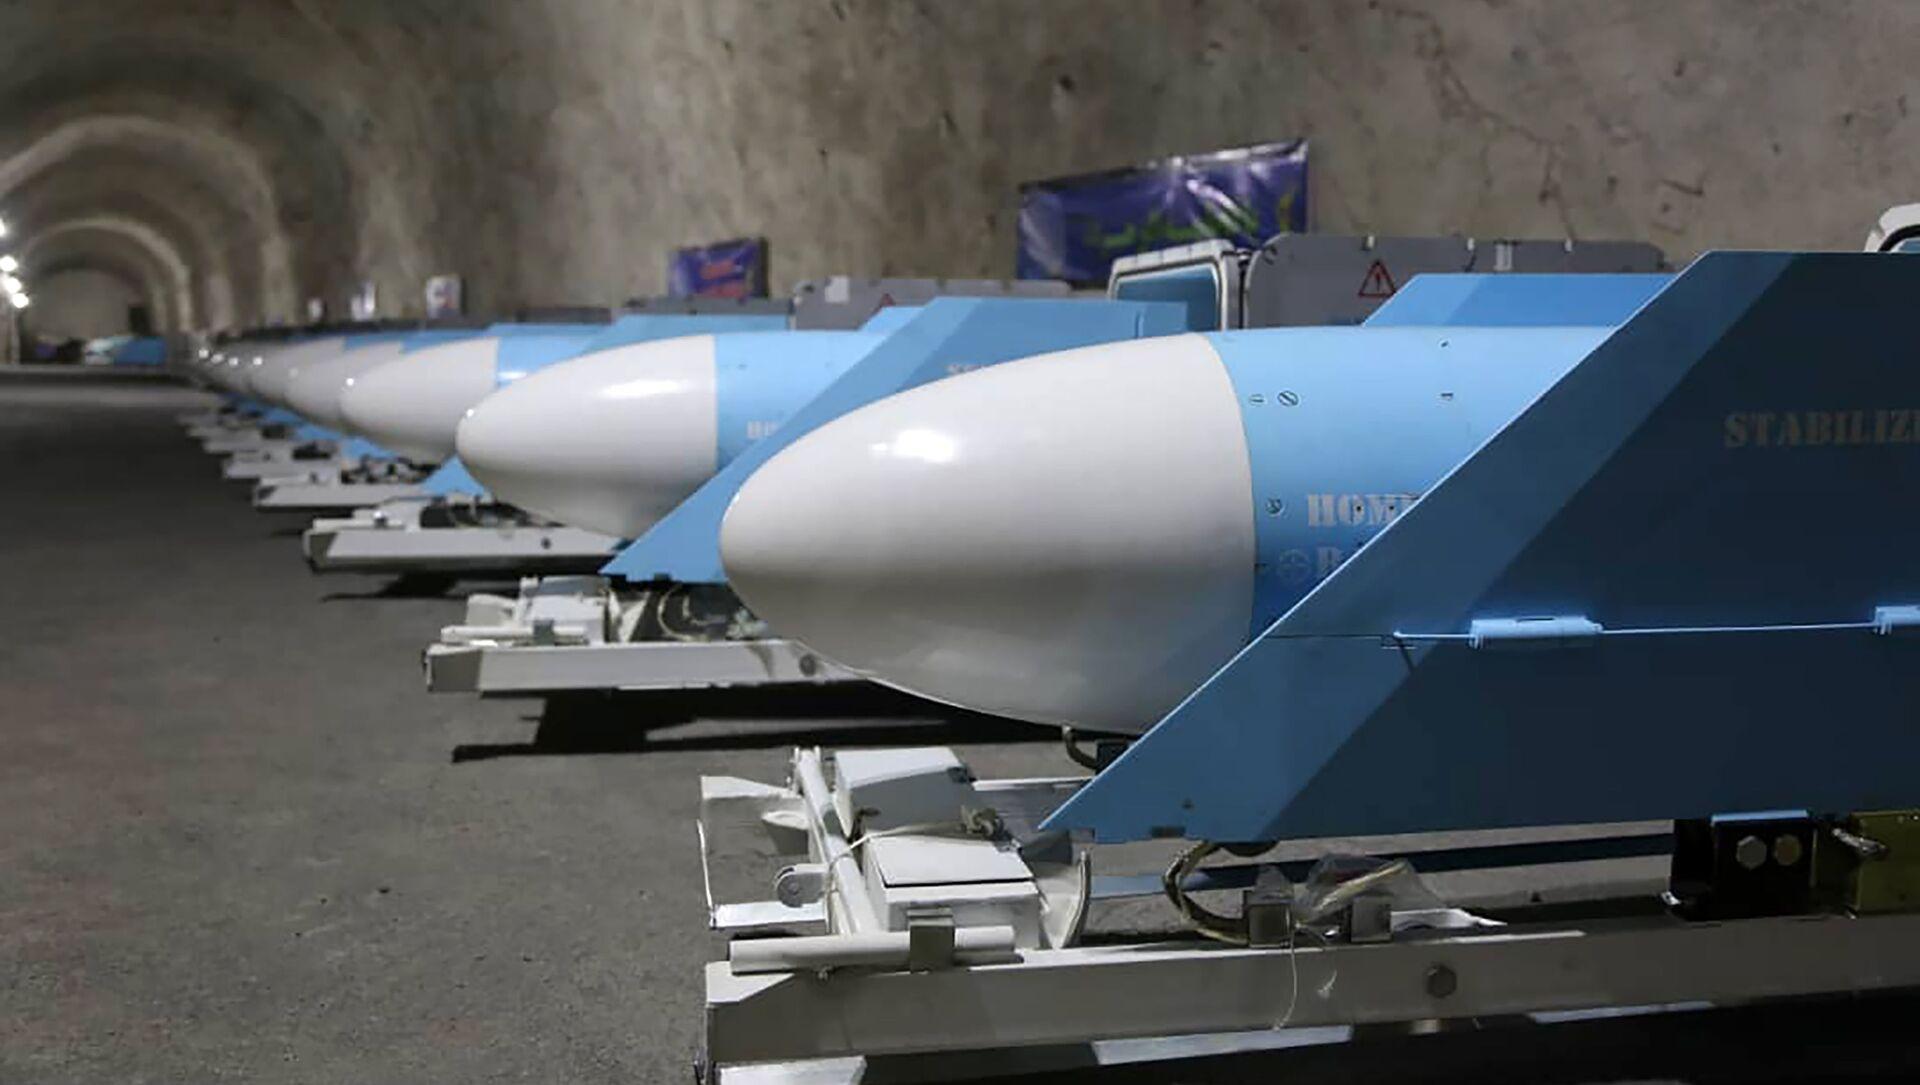 La base subterránea de misiles estratégicos de Irán - Sputnik Mundo, 1920, 09.01.2021